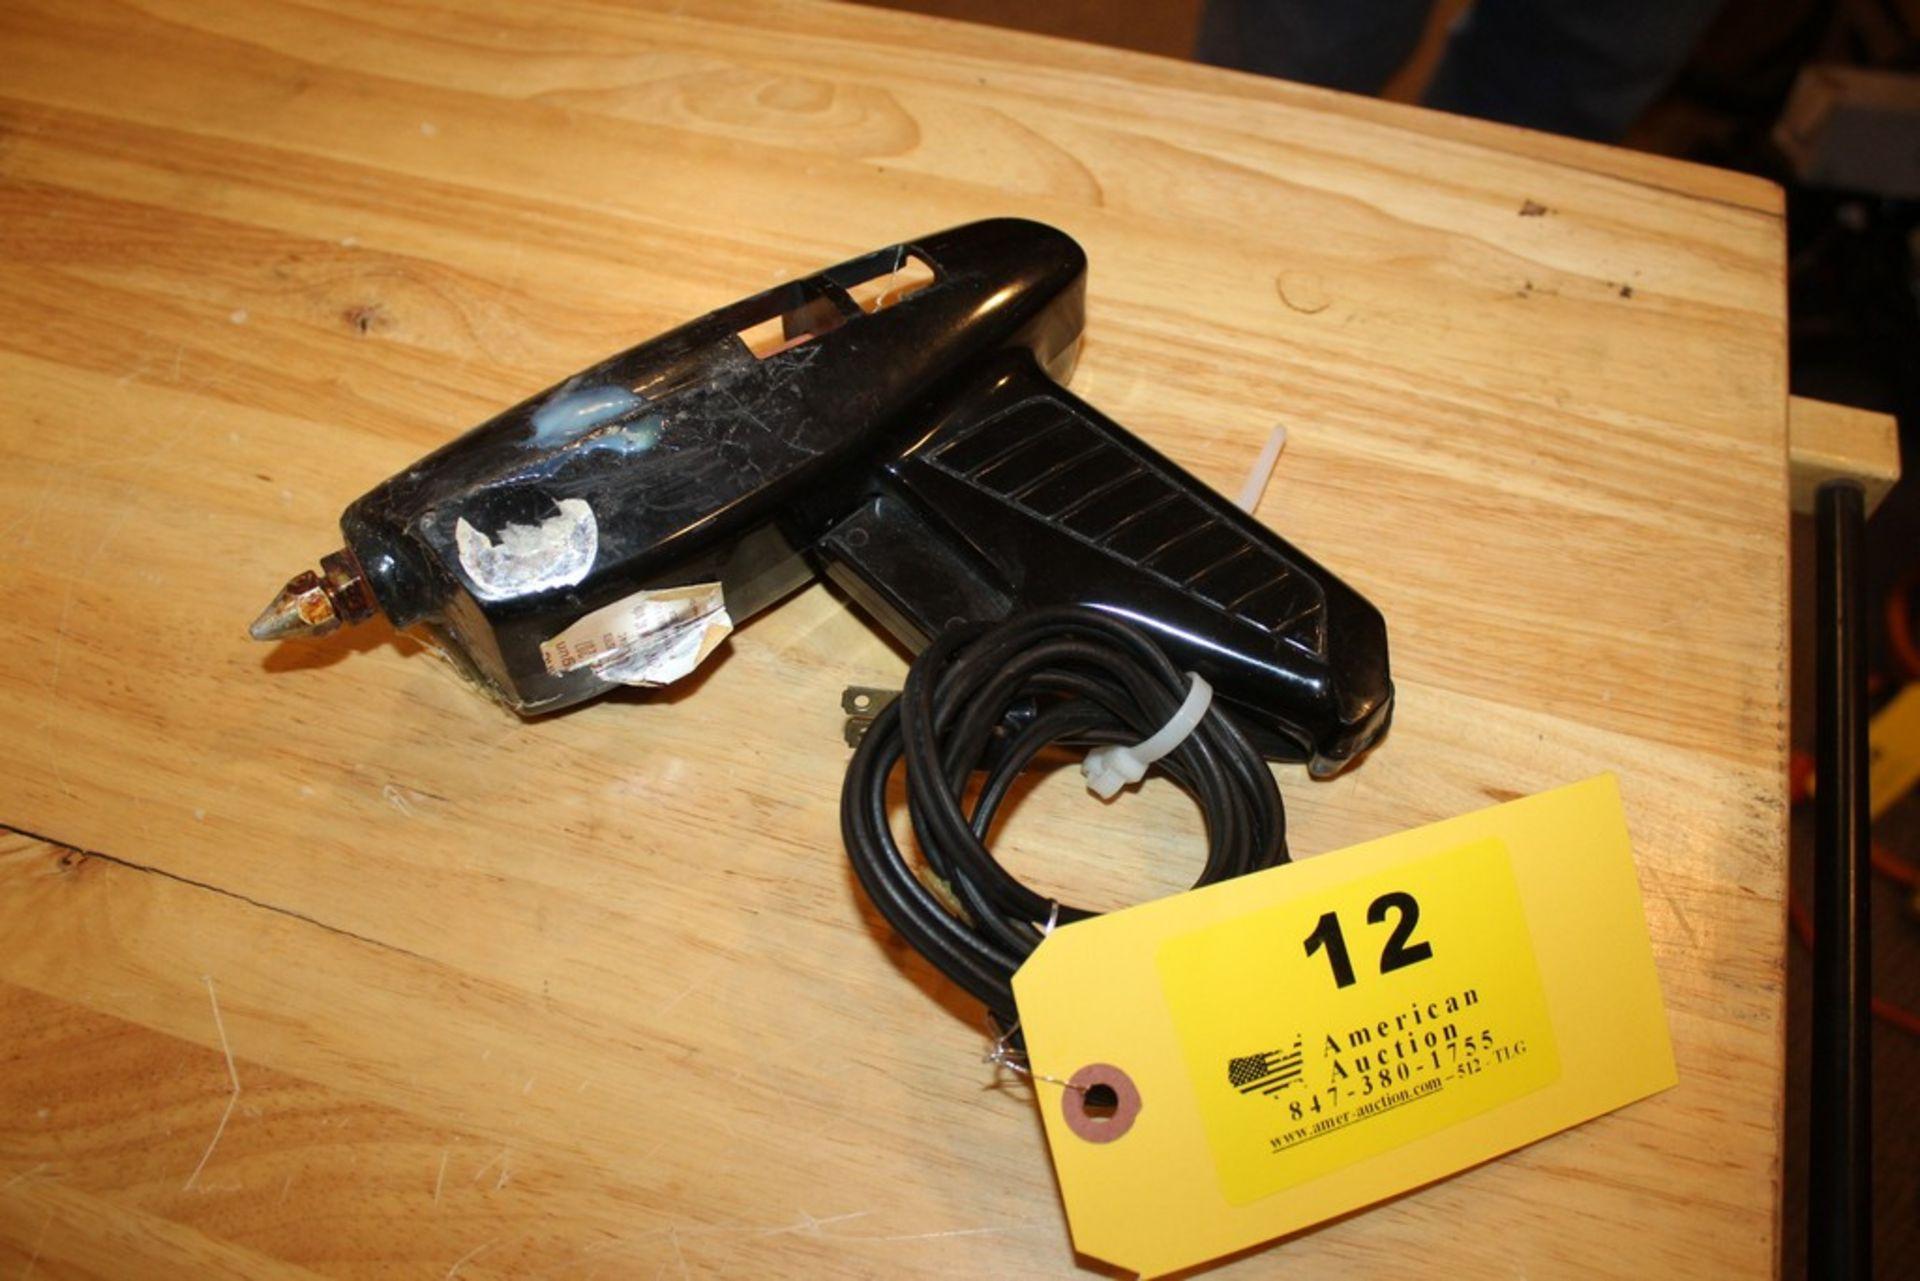 Lot 12 - ELECTRIC GLUE GUN